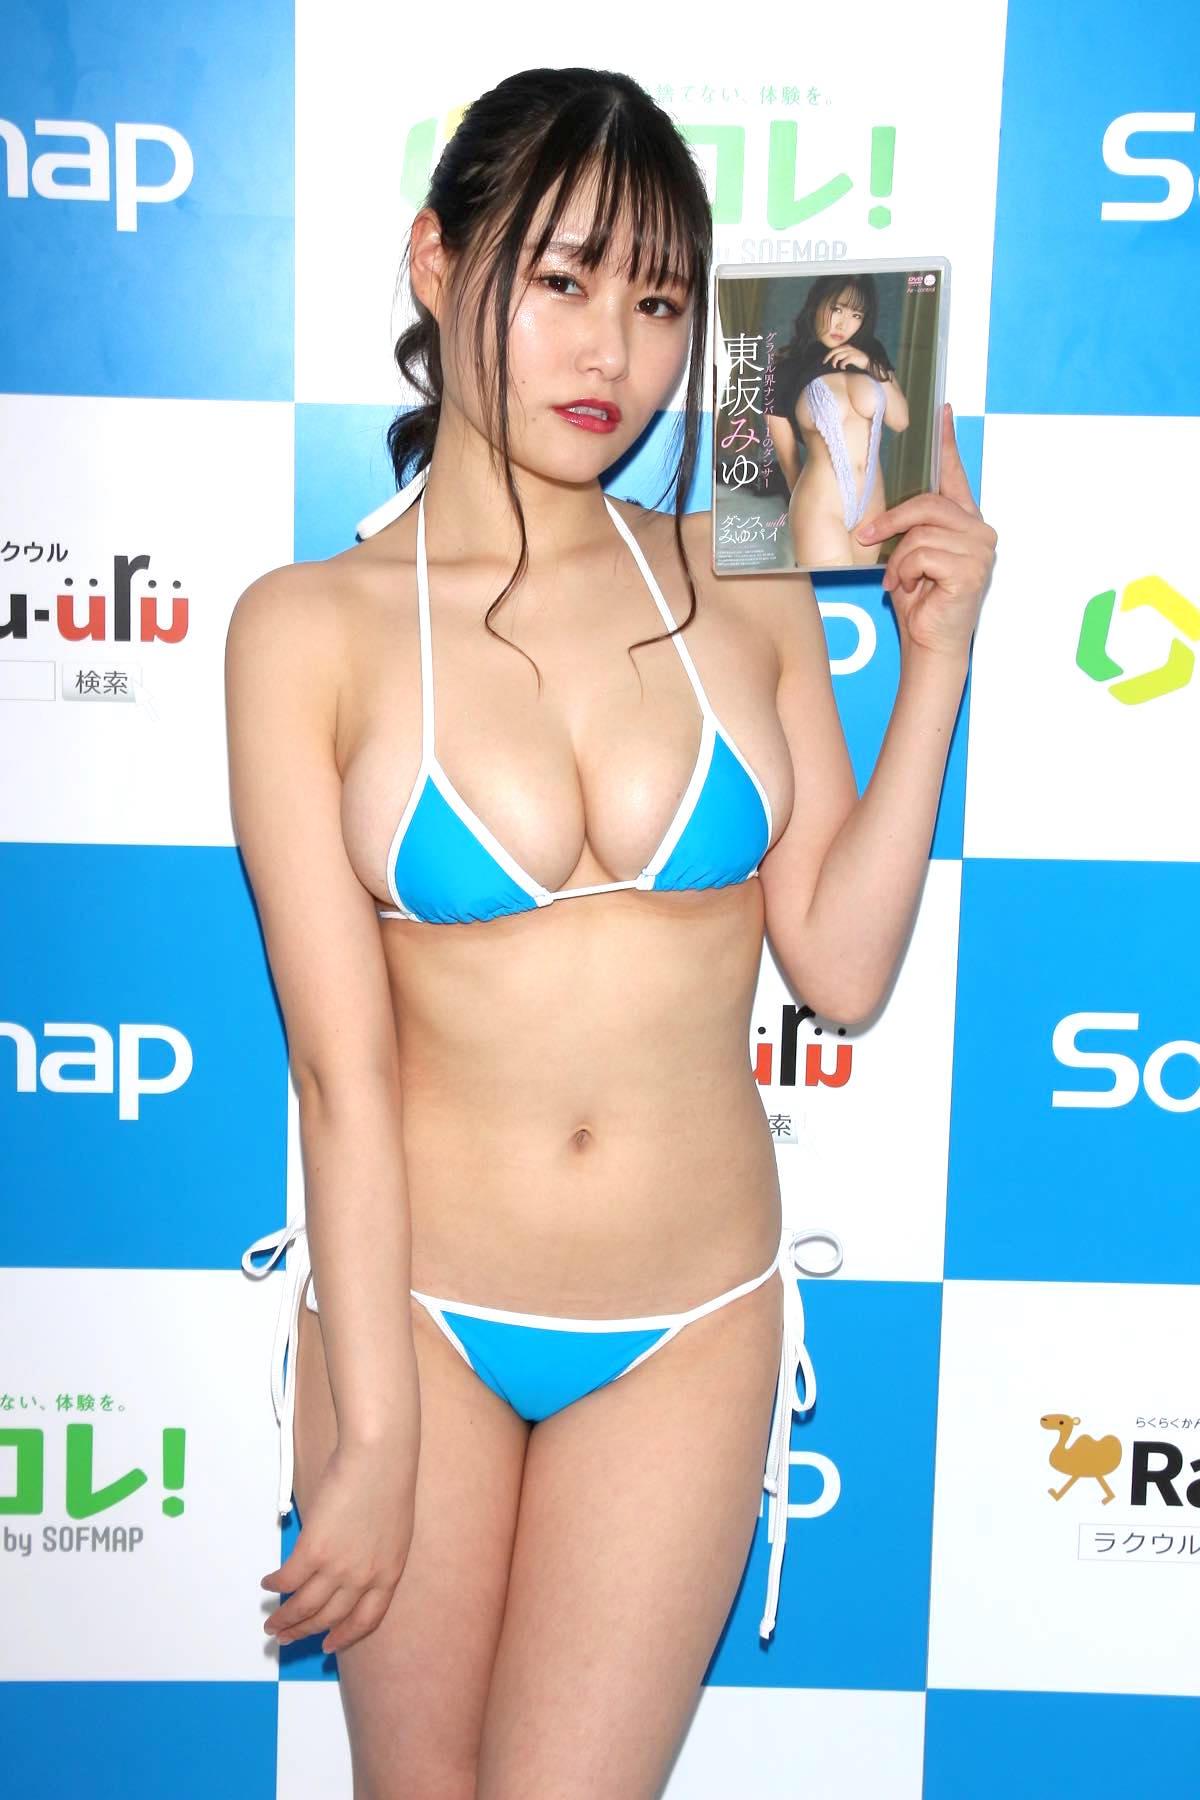 東坂みゆ「ロケット爆乳」がダンスで揺れて弾ける!【写真42枚】の画像031